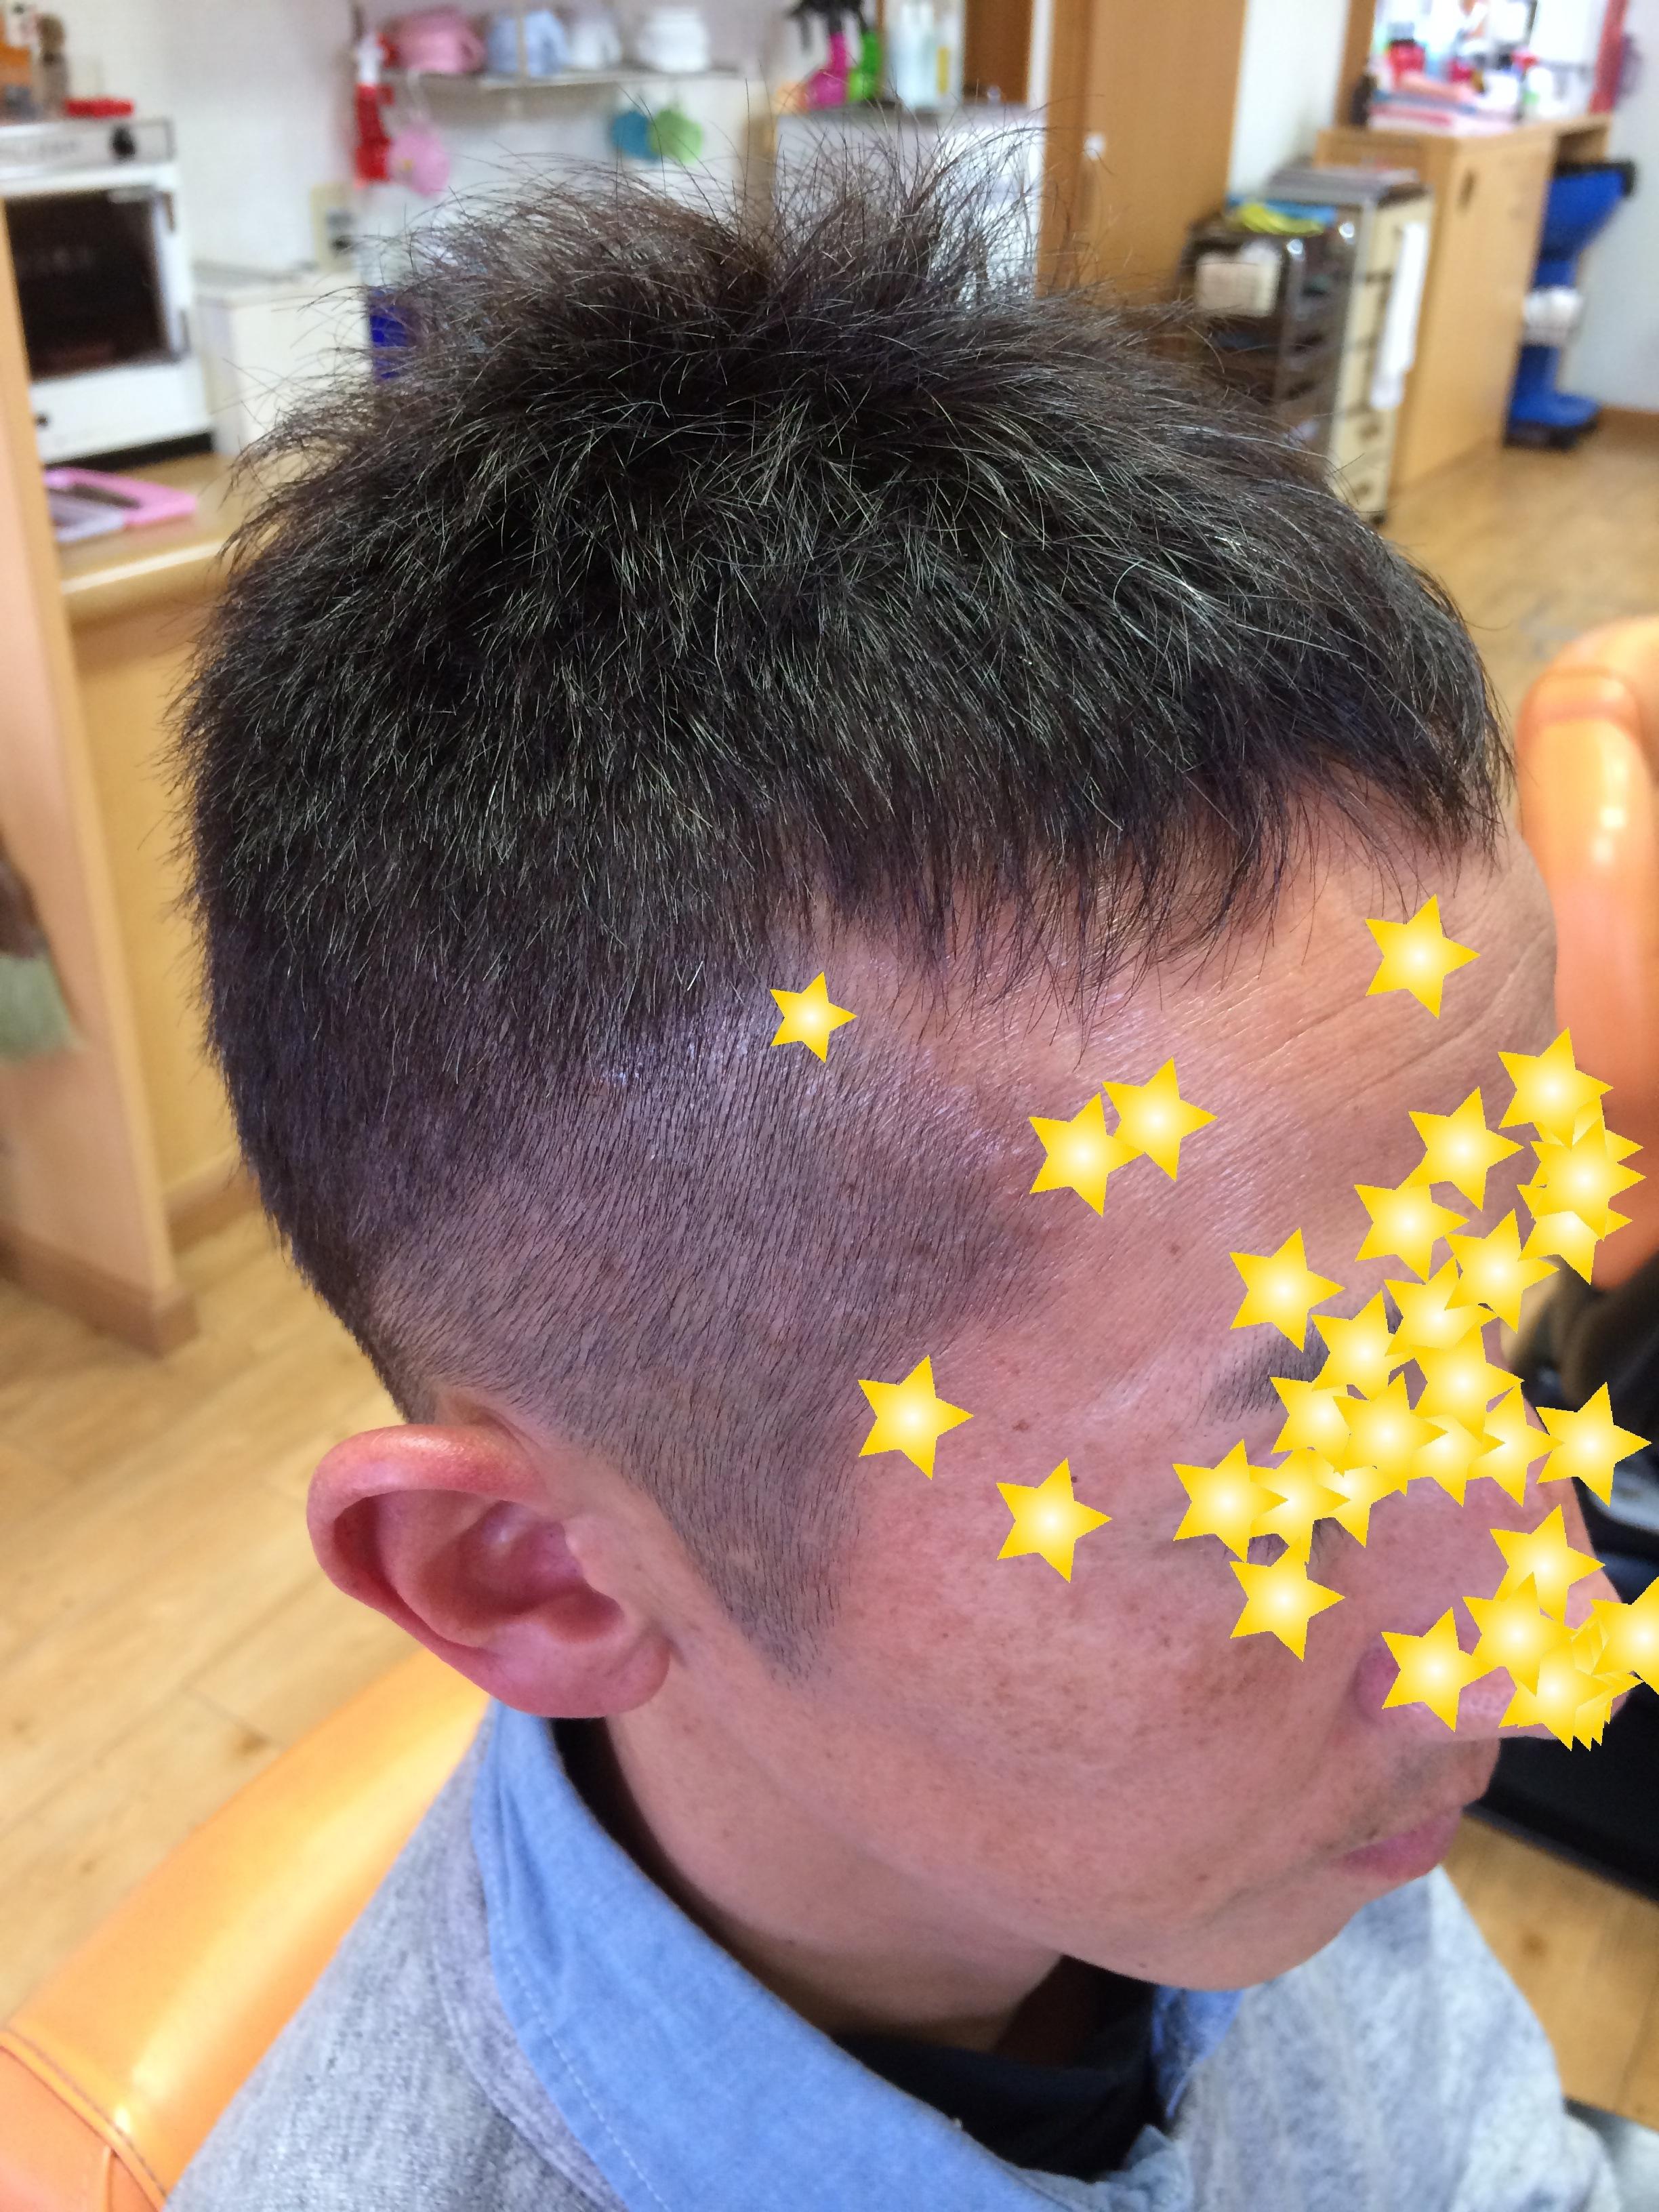 アフター 欧米人風ハーブカラー  男性ショートヘア 白髪10% 2